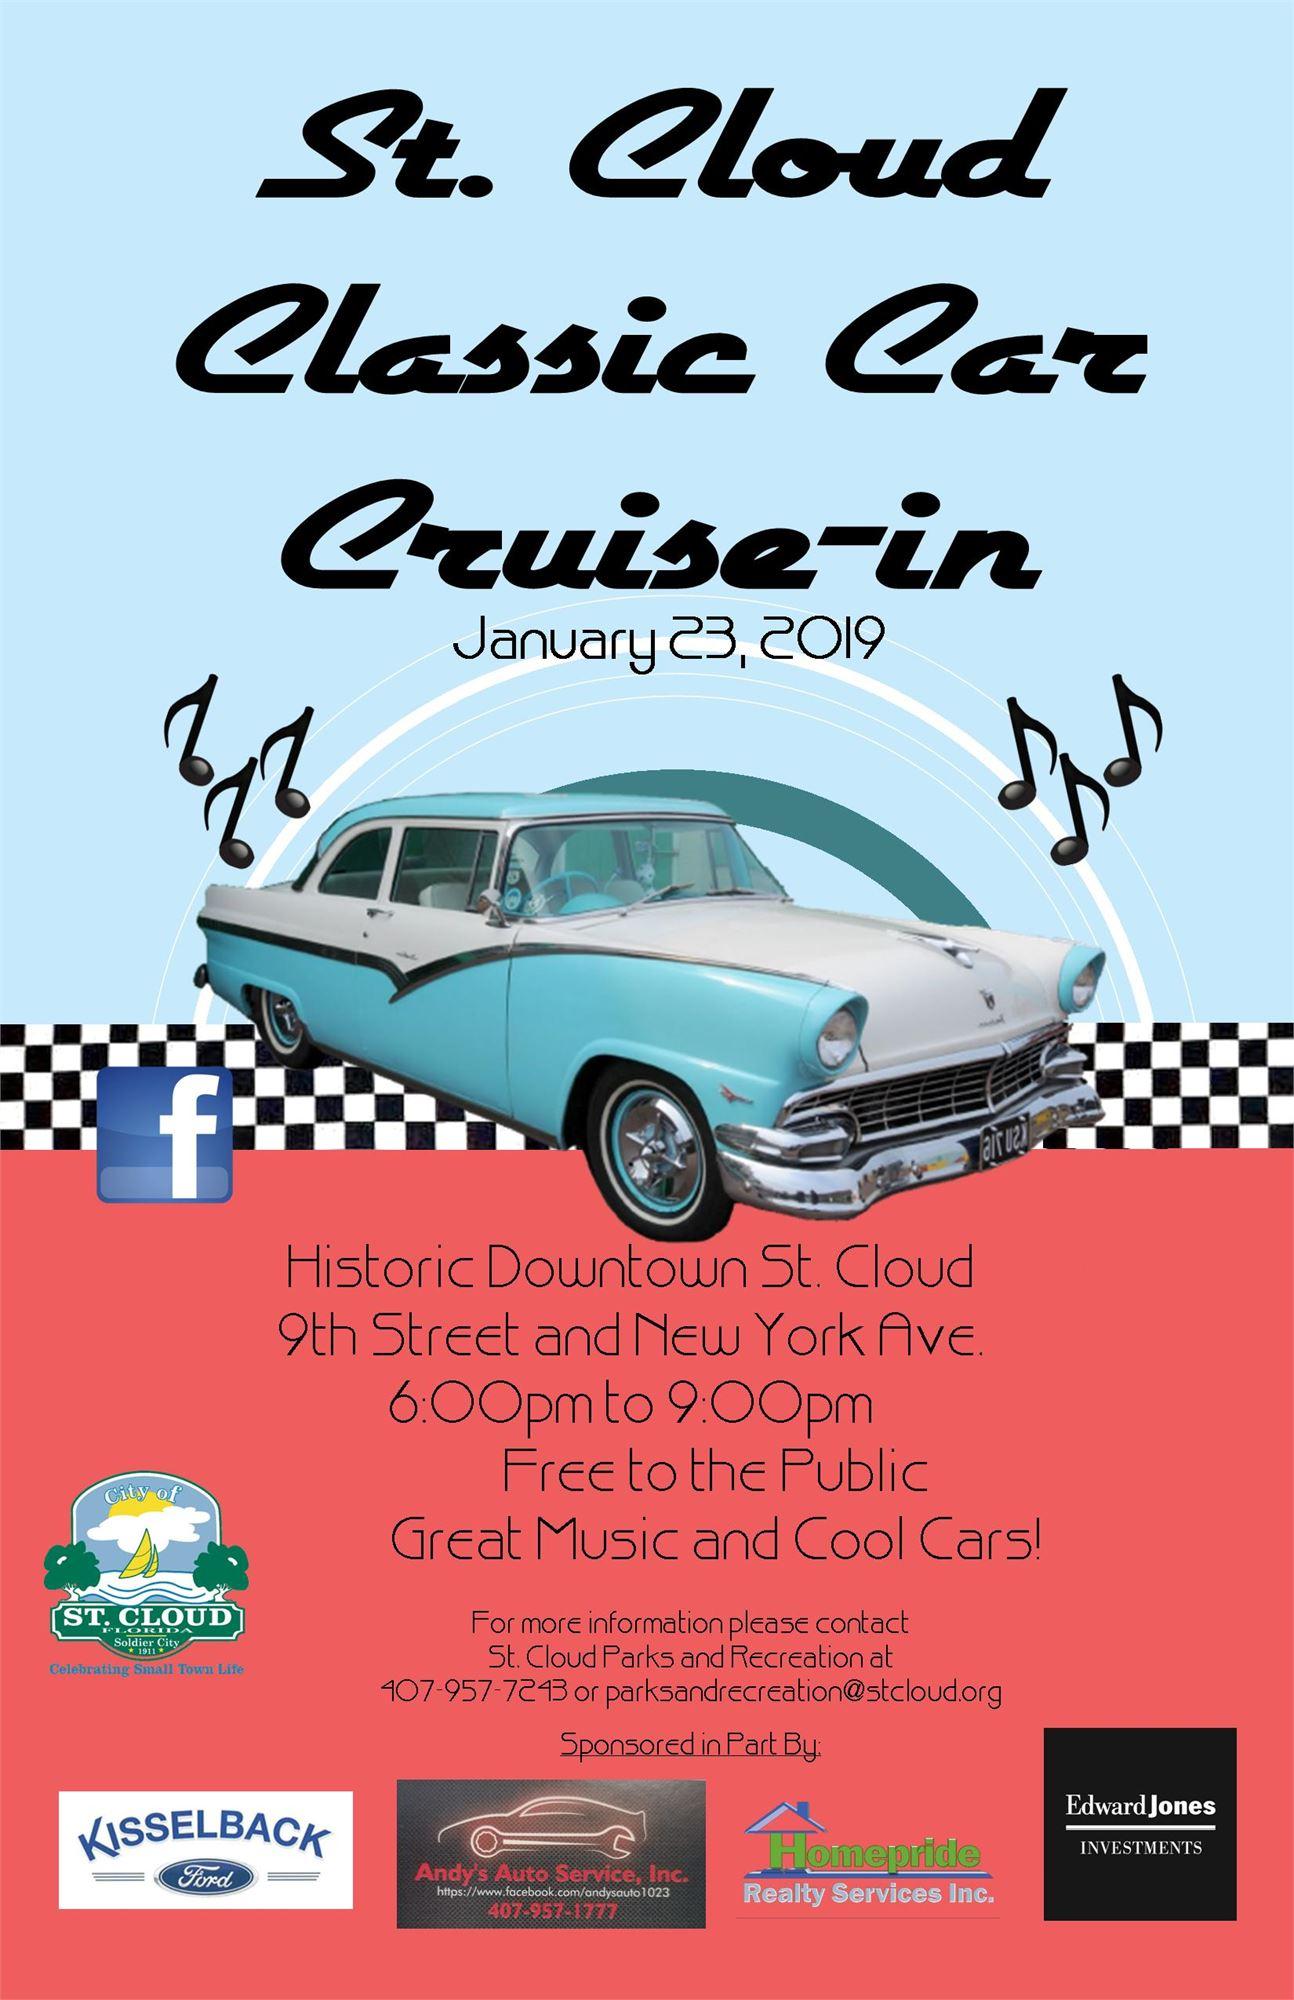 St Cloud Classic Car Cruise In